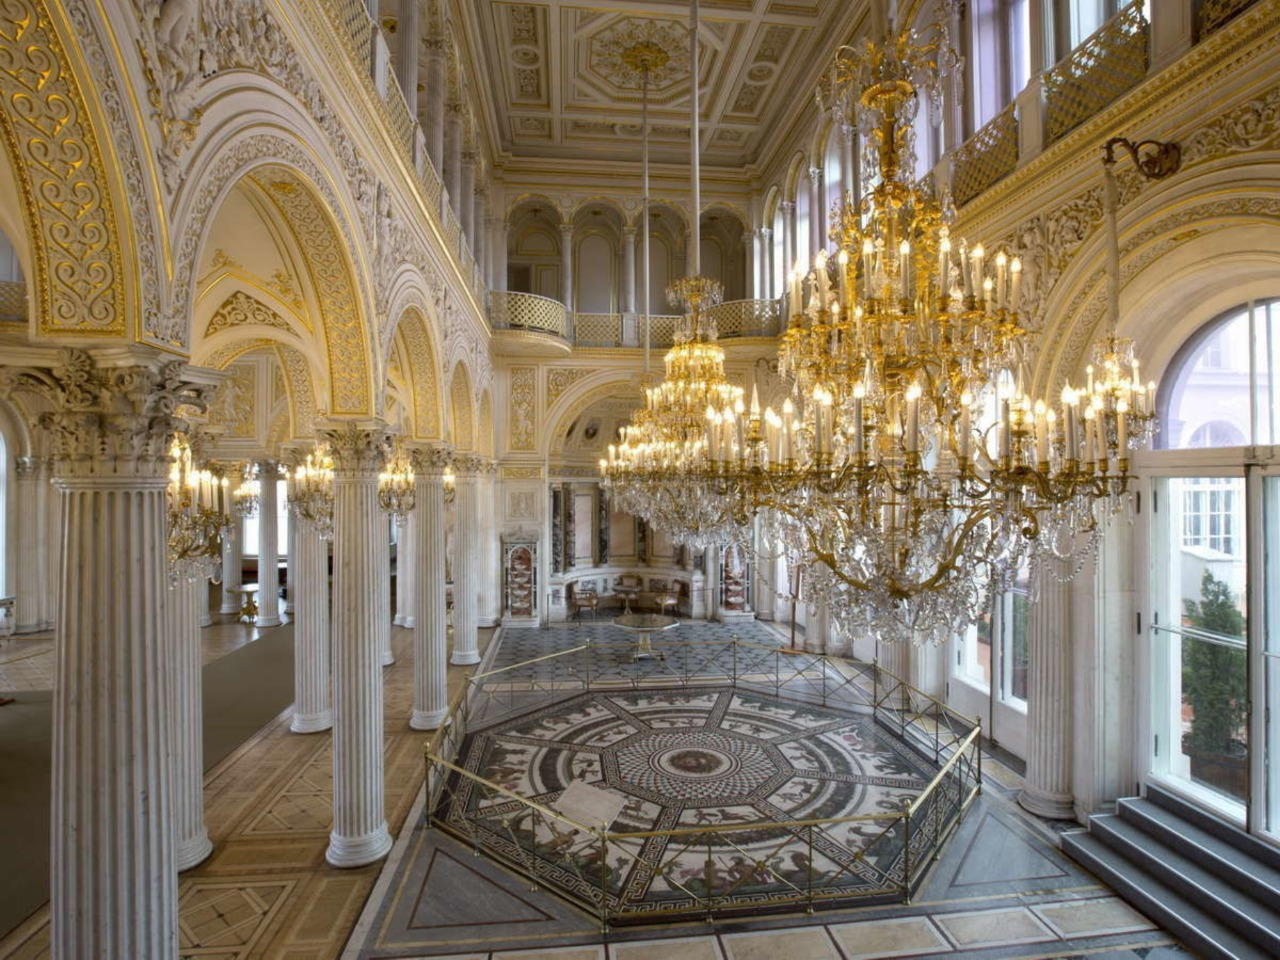 Эрмитаж в Петербурге - индивидуальная экскурсия по Санкт-Петербургу от опытного гида